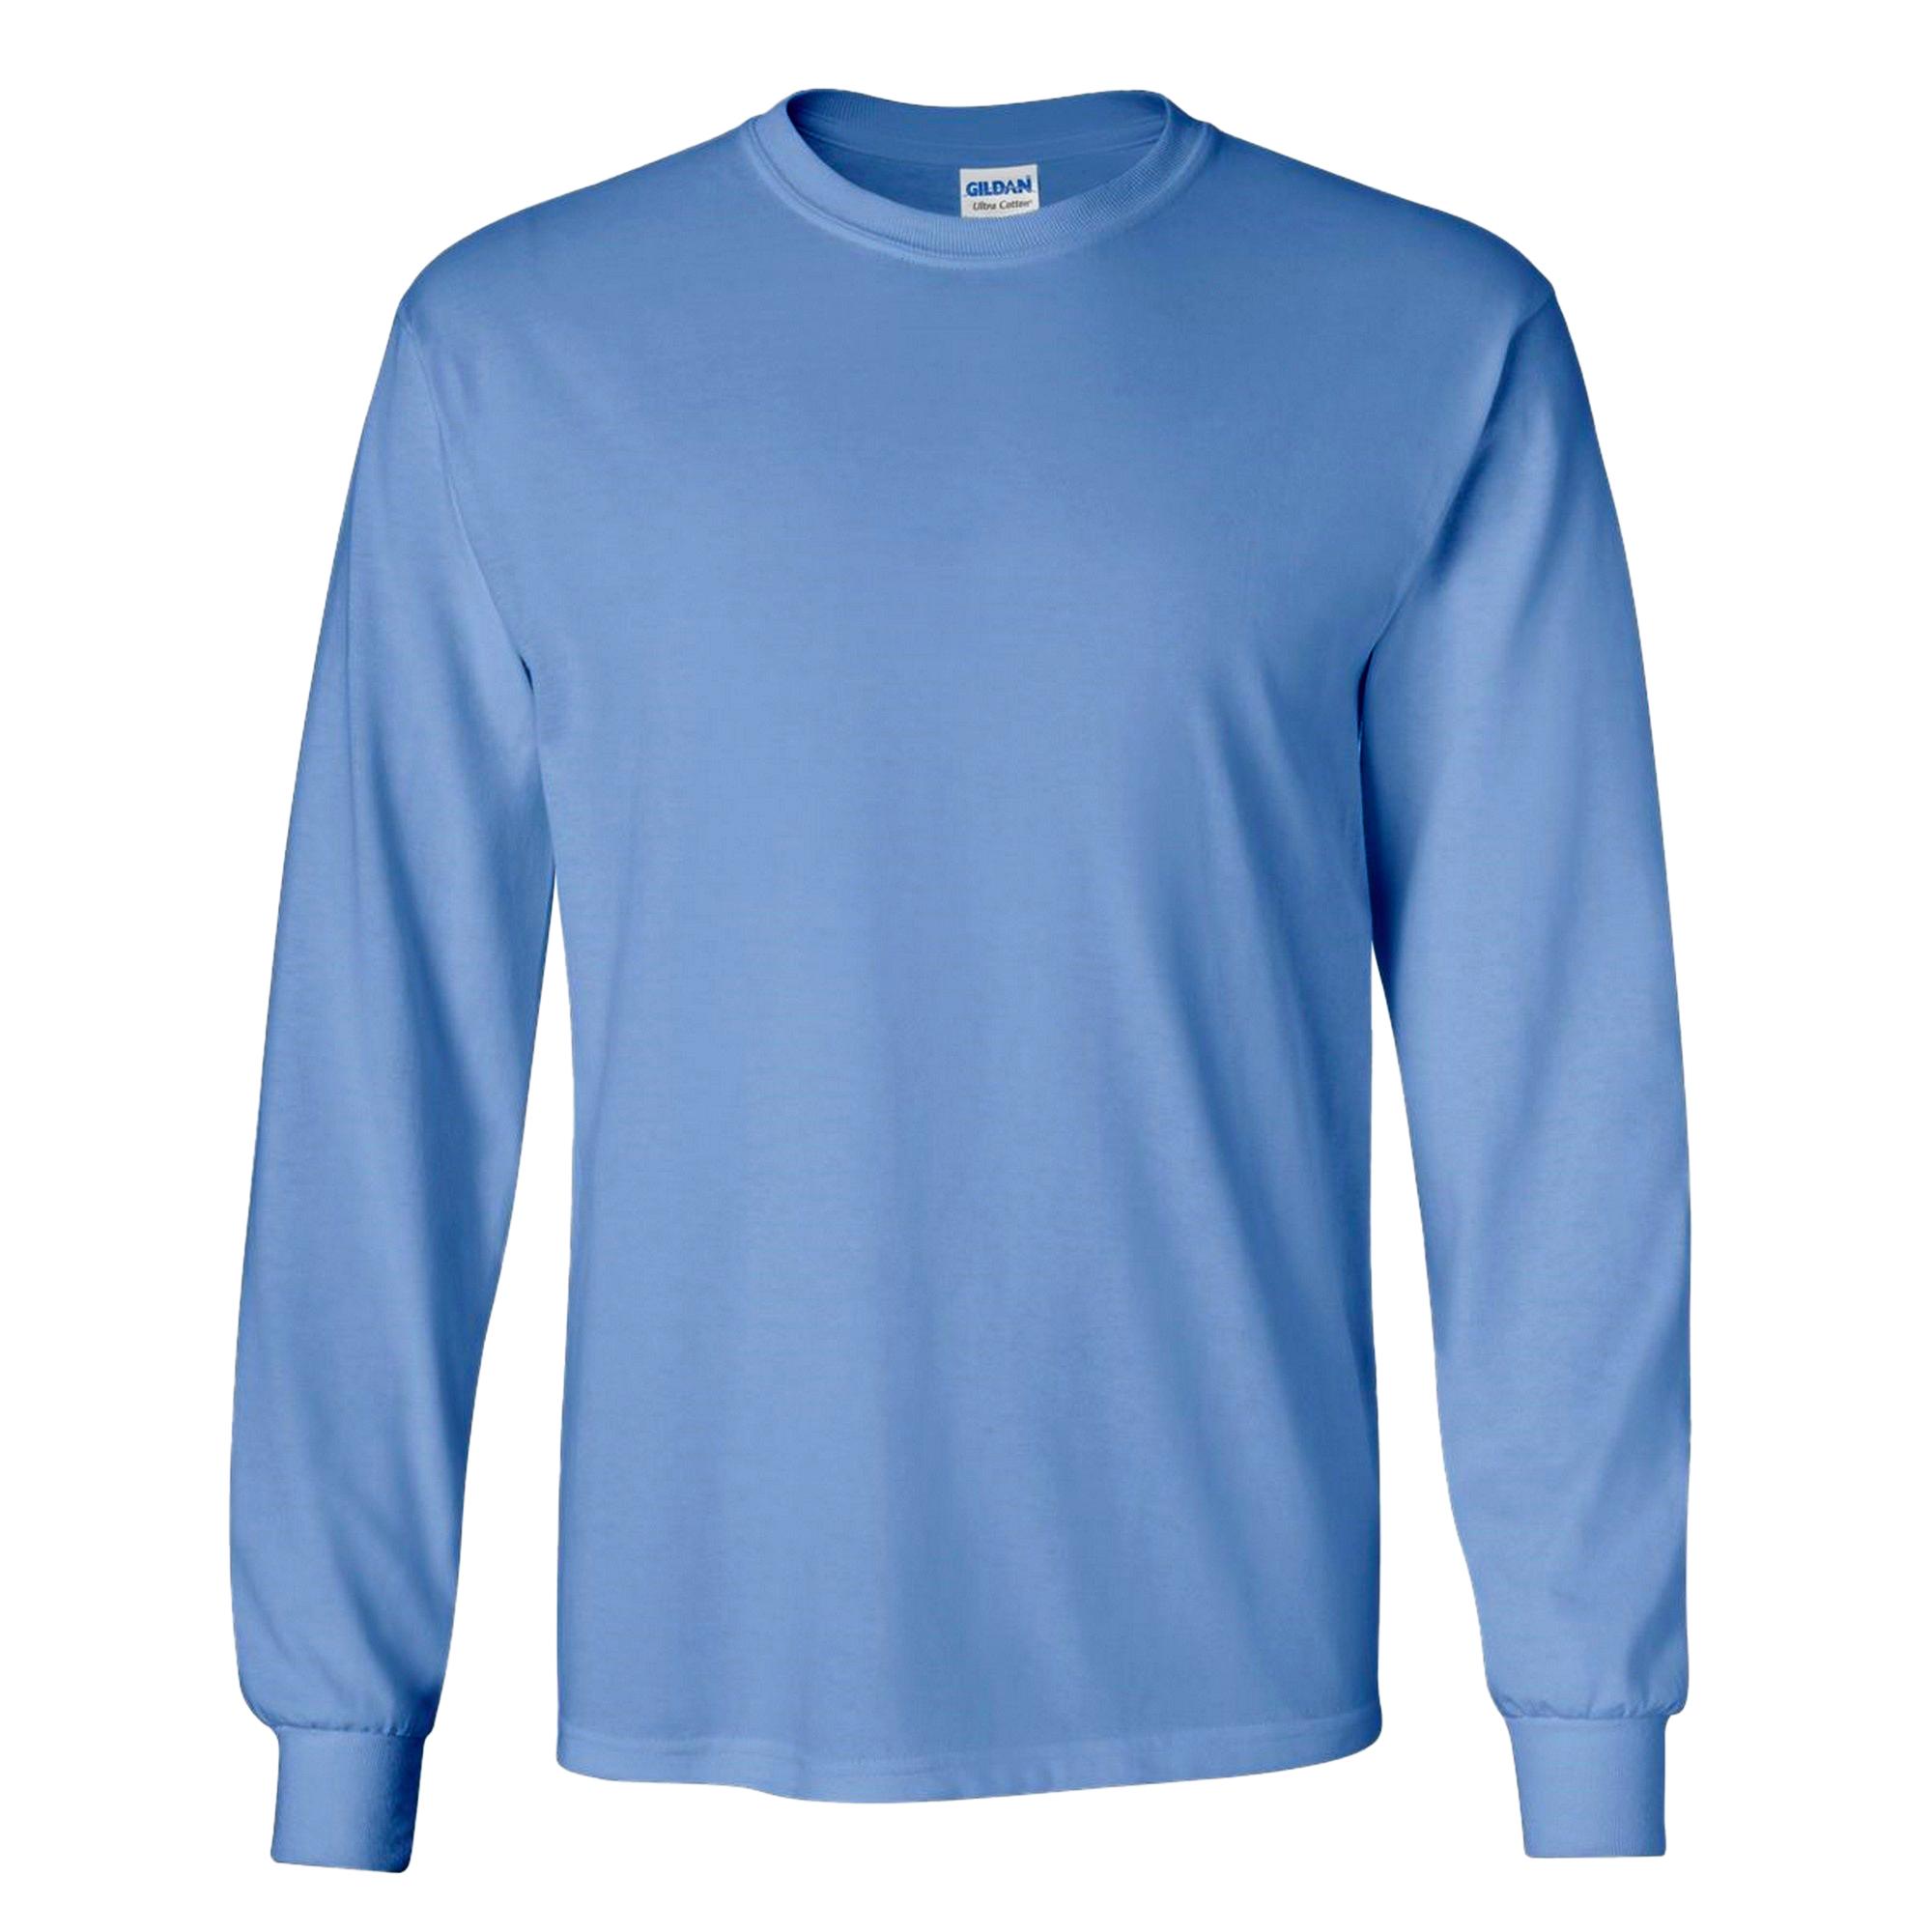 miniature 37 - T-shirt-uni-a-manches-longues-Gildan-100-coton-pour-homme-S-2XL-BC477